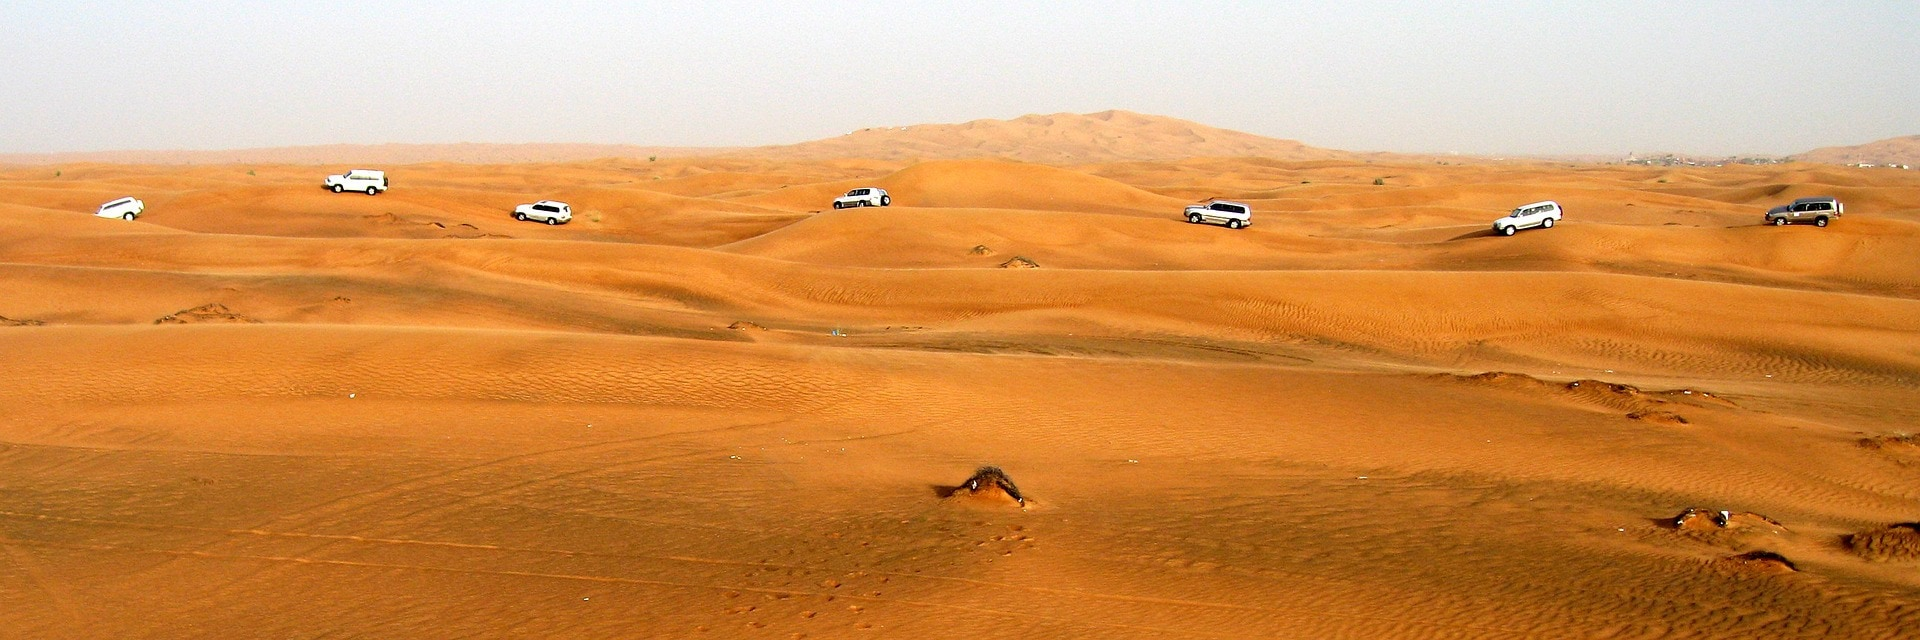 Go on a desert safari